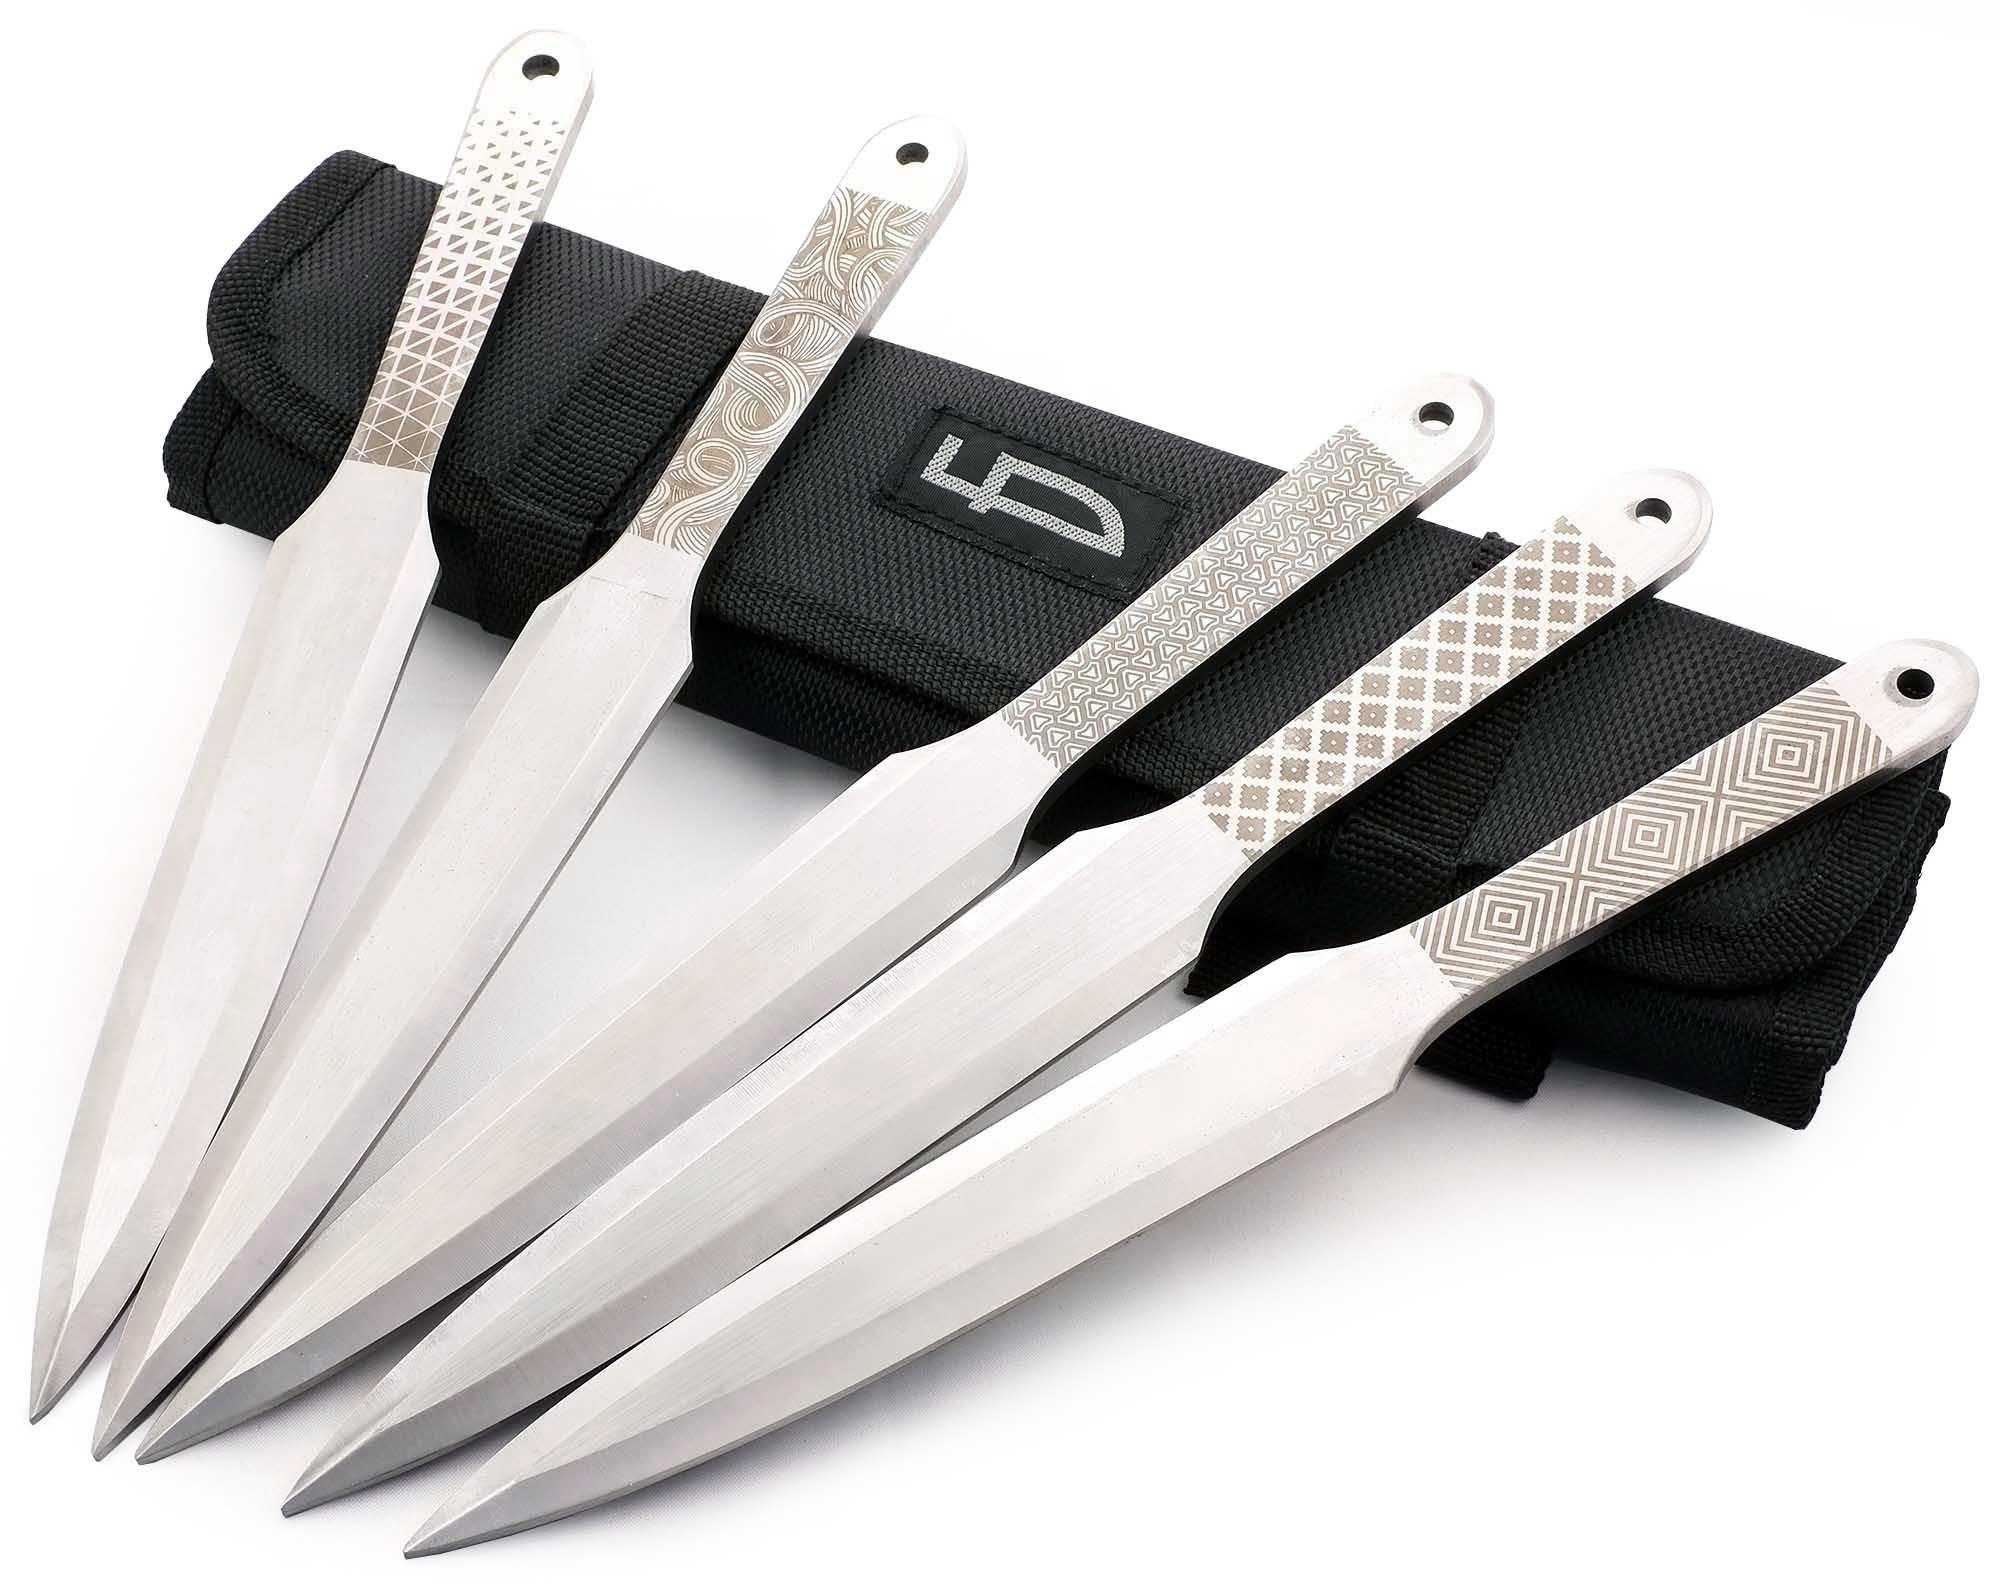 Набор из 5 метательных ножей Орнамент, M-132SU набор из 5 метательных ножей m 113